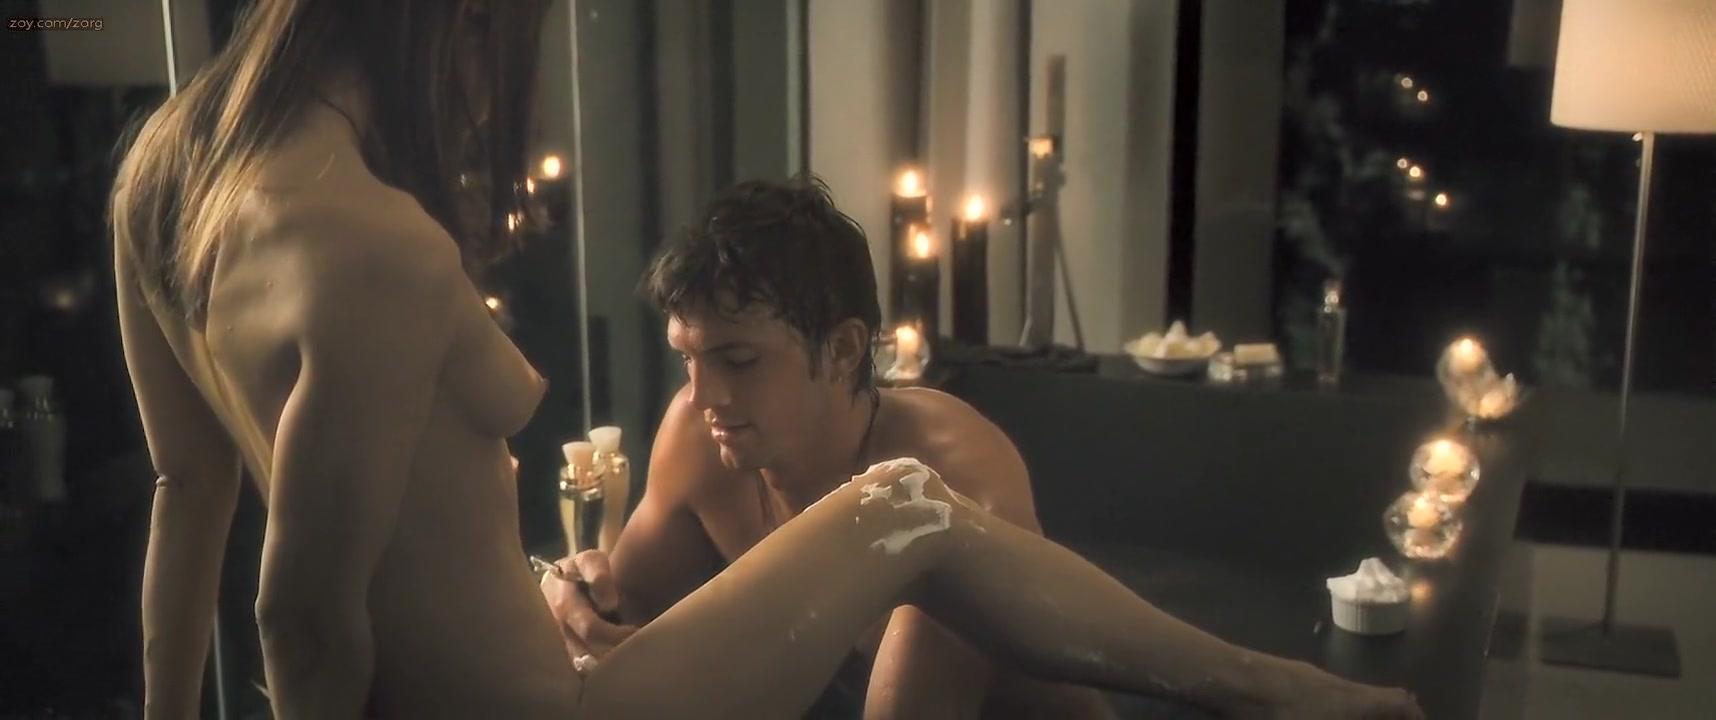 Rachel Blanchard - Spread (2009) ww sex sex com